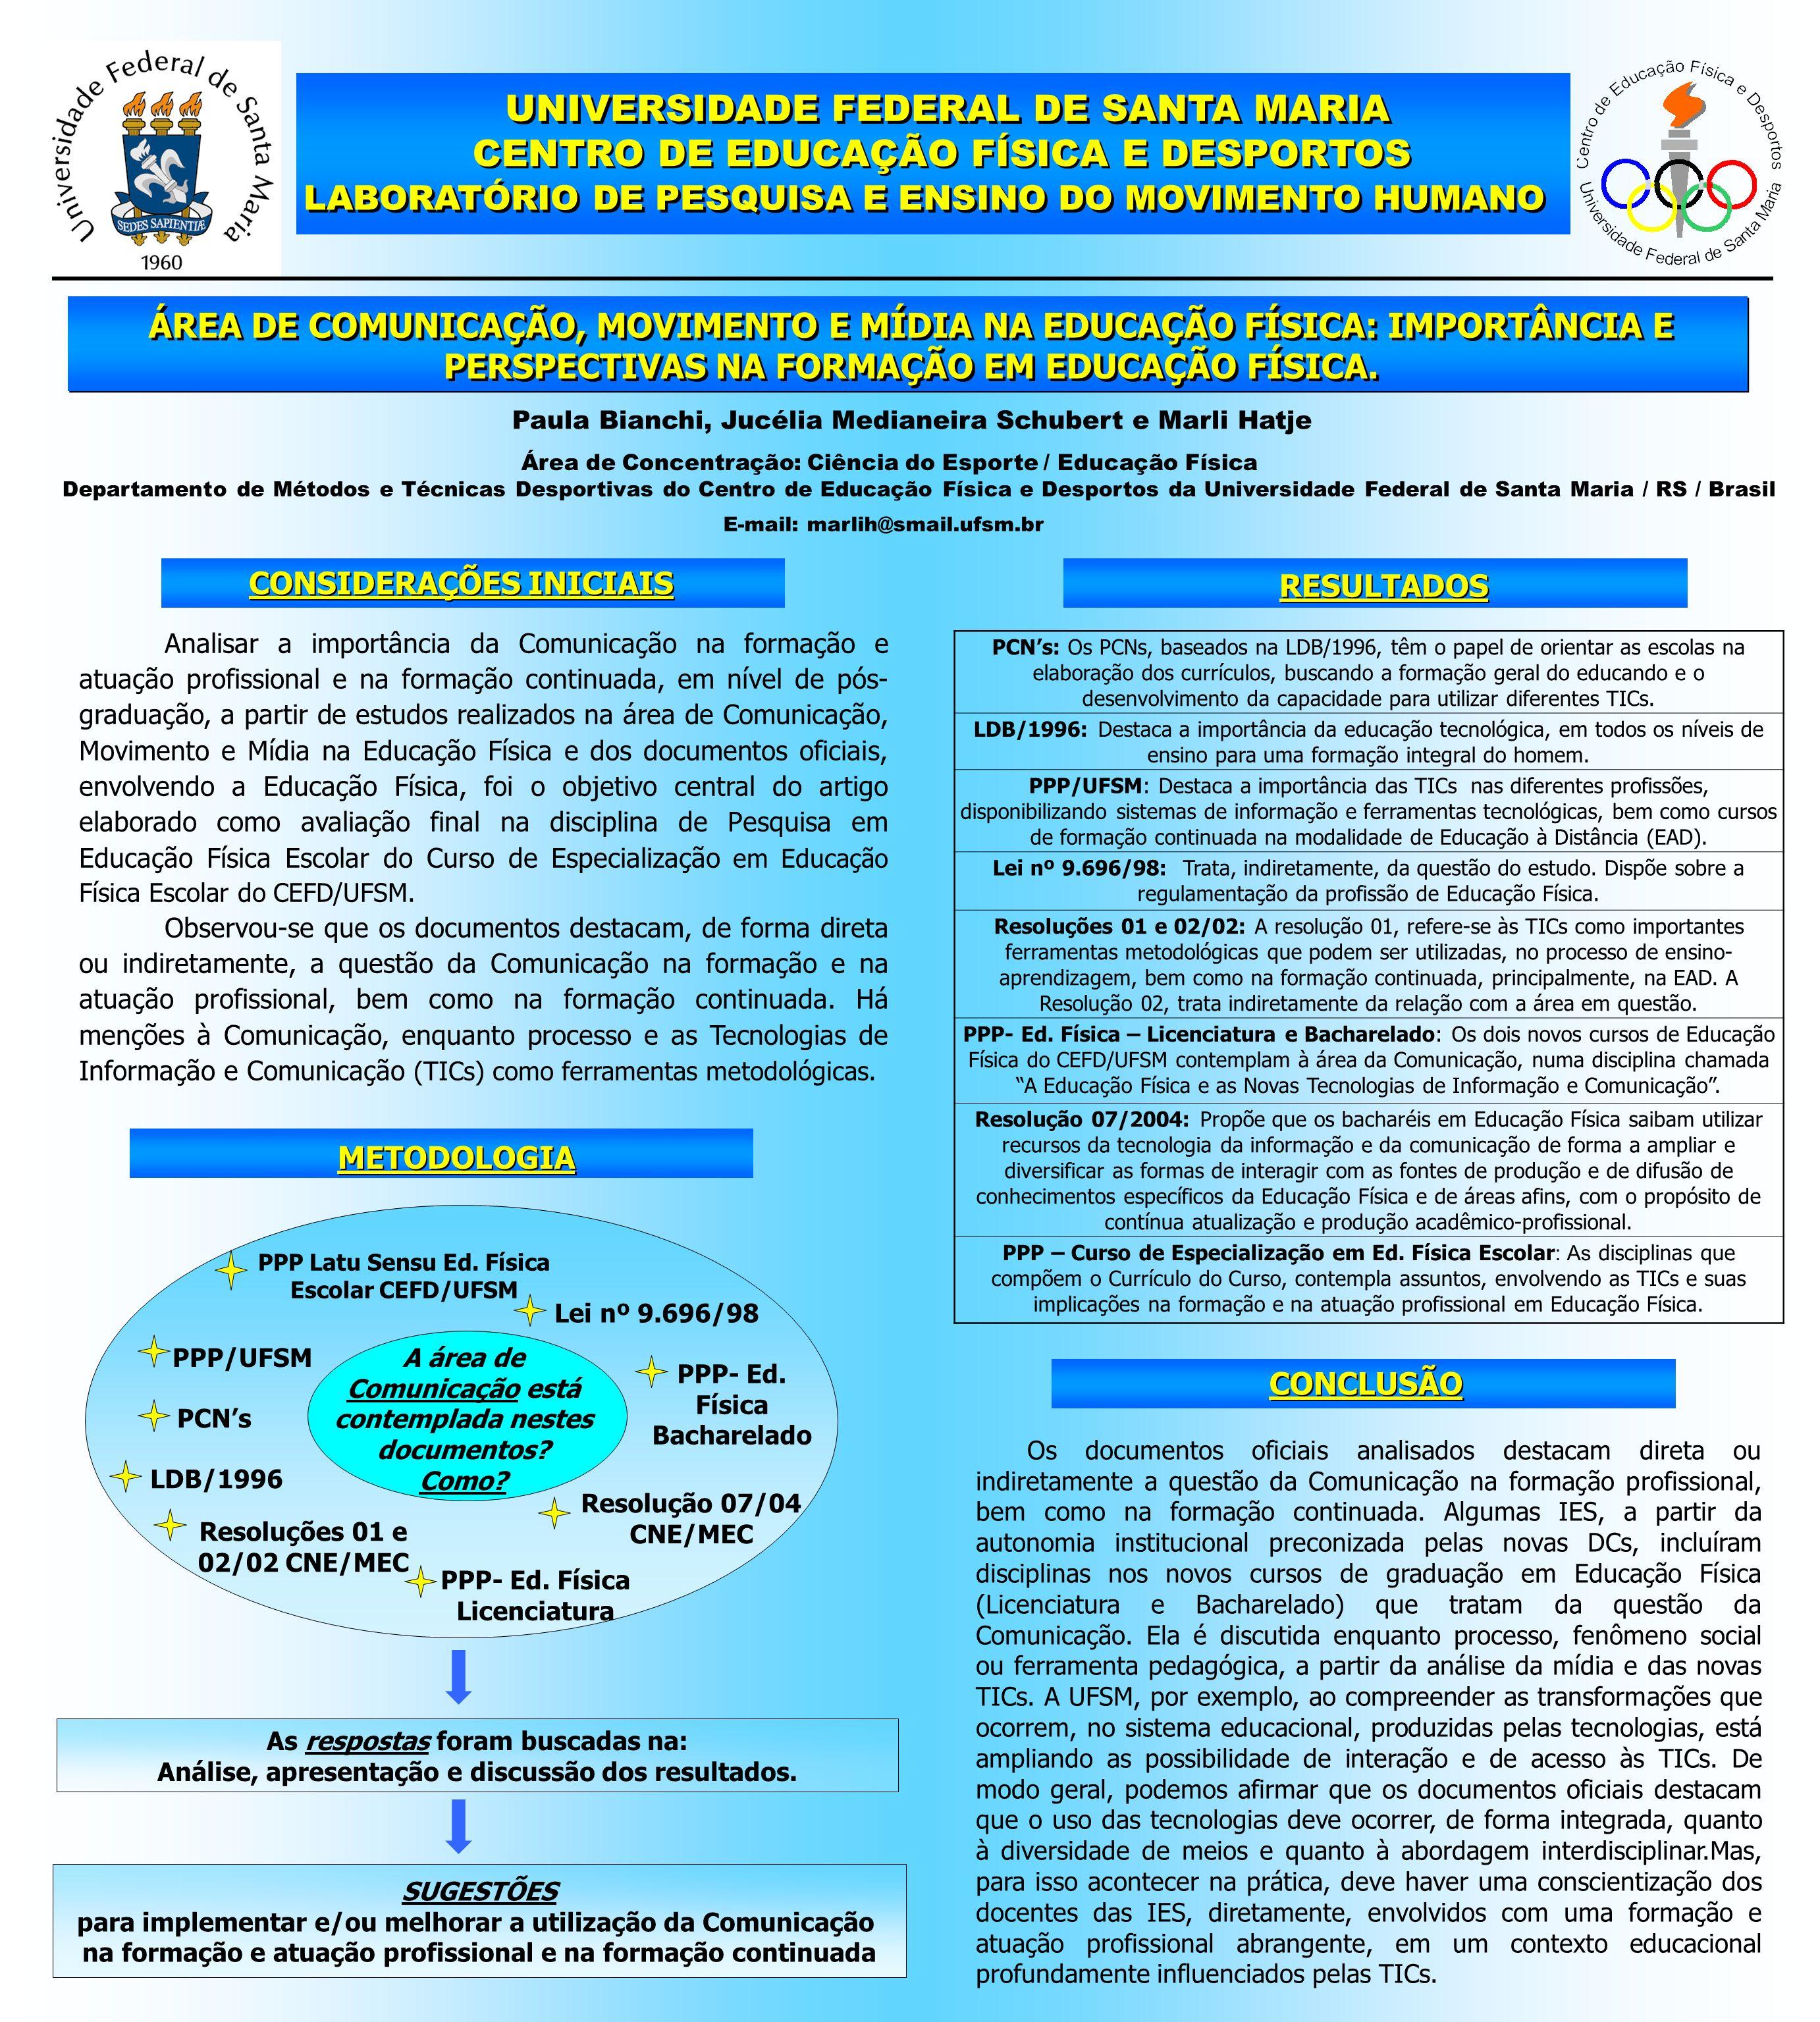 UNIVERSIDADE FEDERAL DE SANTA MARIA CENTRO DE EDUCAÇÃO FÍSICA E DESPORTOS LABORATÓRIO DE PESQUISA E ENSINO DO MOVIMENTO HUMANO CONSIDERAÇÕES INICIAIS METODOLOGIA ÁREA DE COMUNICAÇÃO, MOVIMENTO E MÍDIA NA EDUCAÇÃO FÍSICA: IMPORTÂNCIA E PERSPECTIVAS NA FORMAÇÃO EM EDUCAÇÃO FÍSICA.